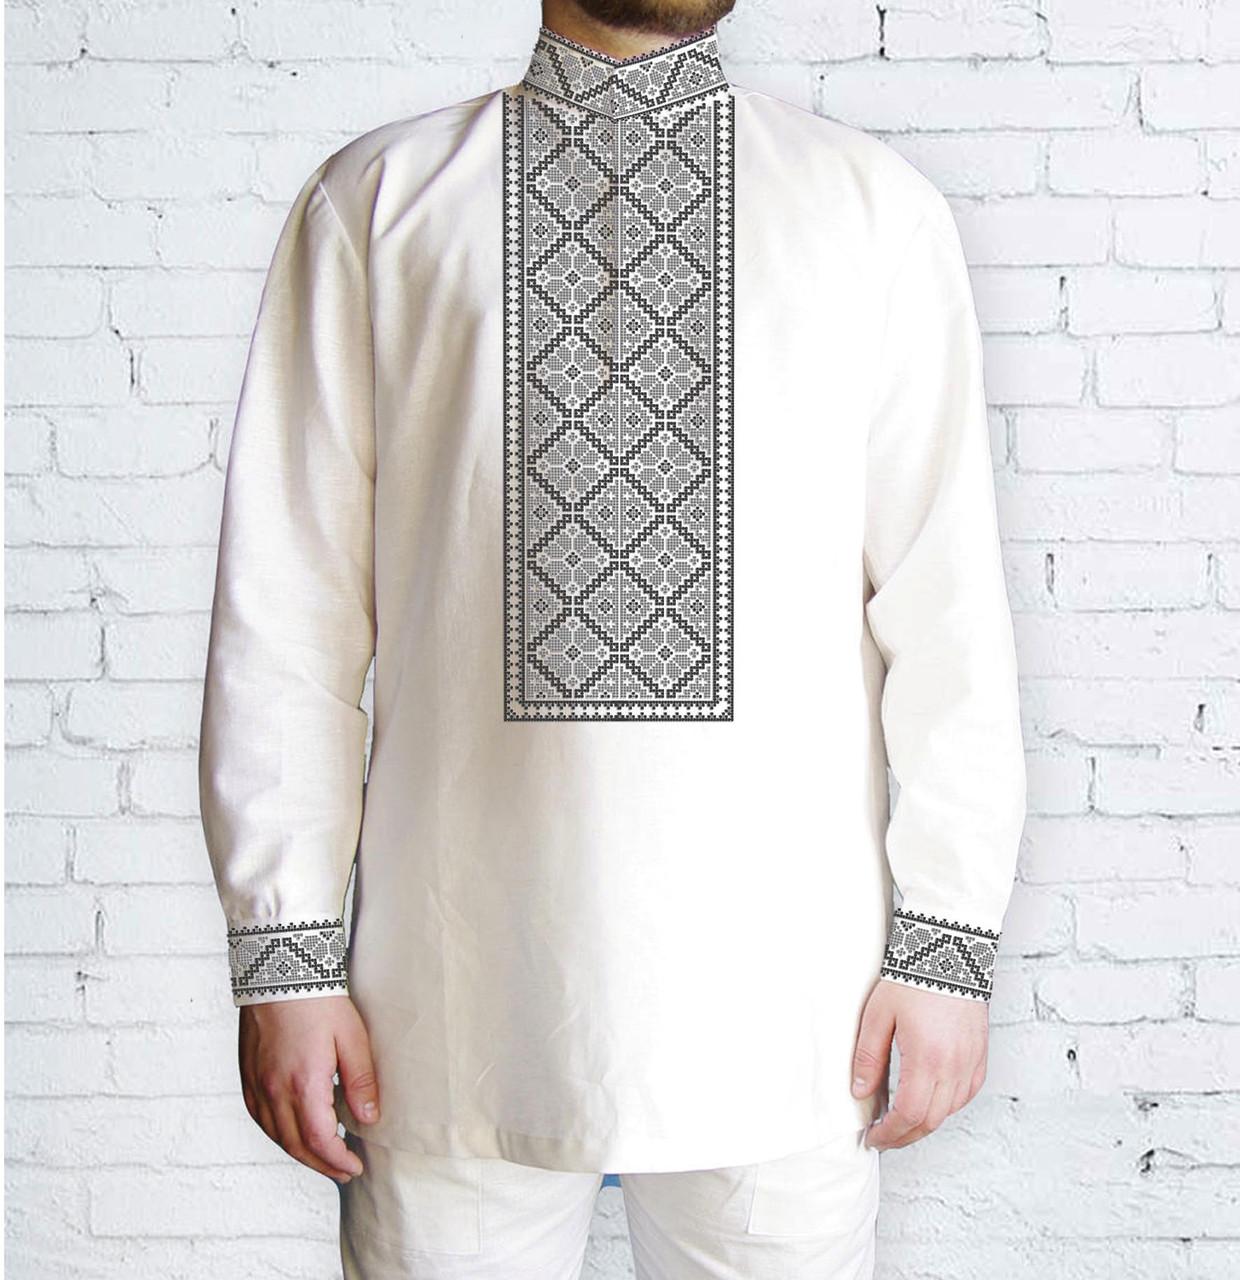 Заготовка чоловічої сорочки та вишиванки для вишивки чи вишивання бісером Бисерок «Орнамент 515 С» (Ч-515 С )